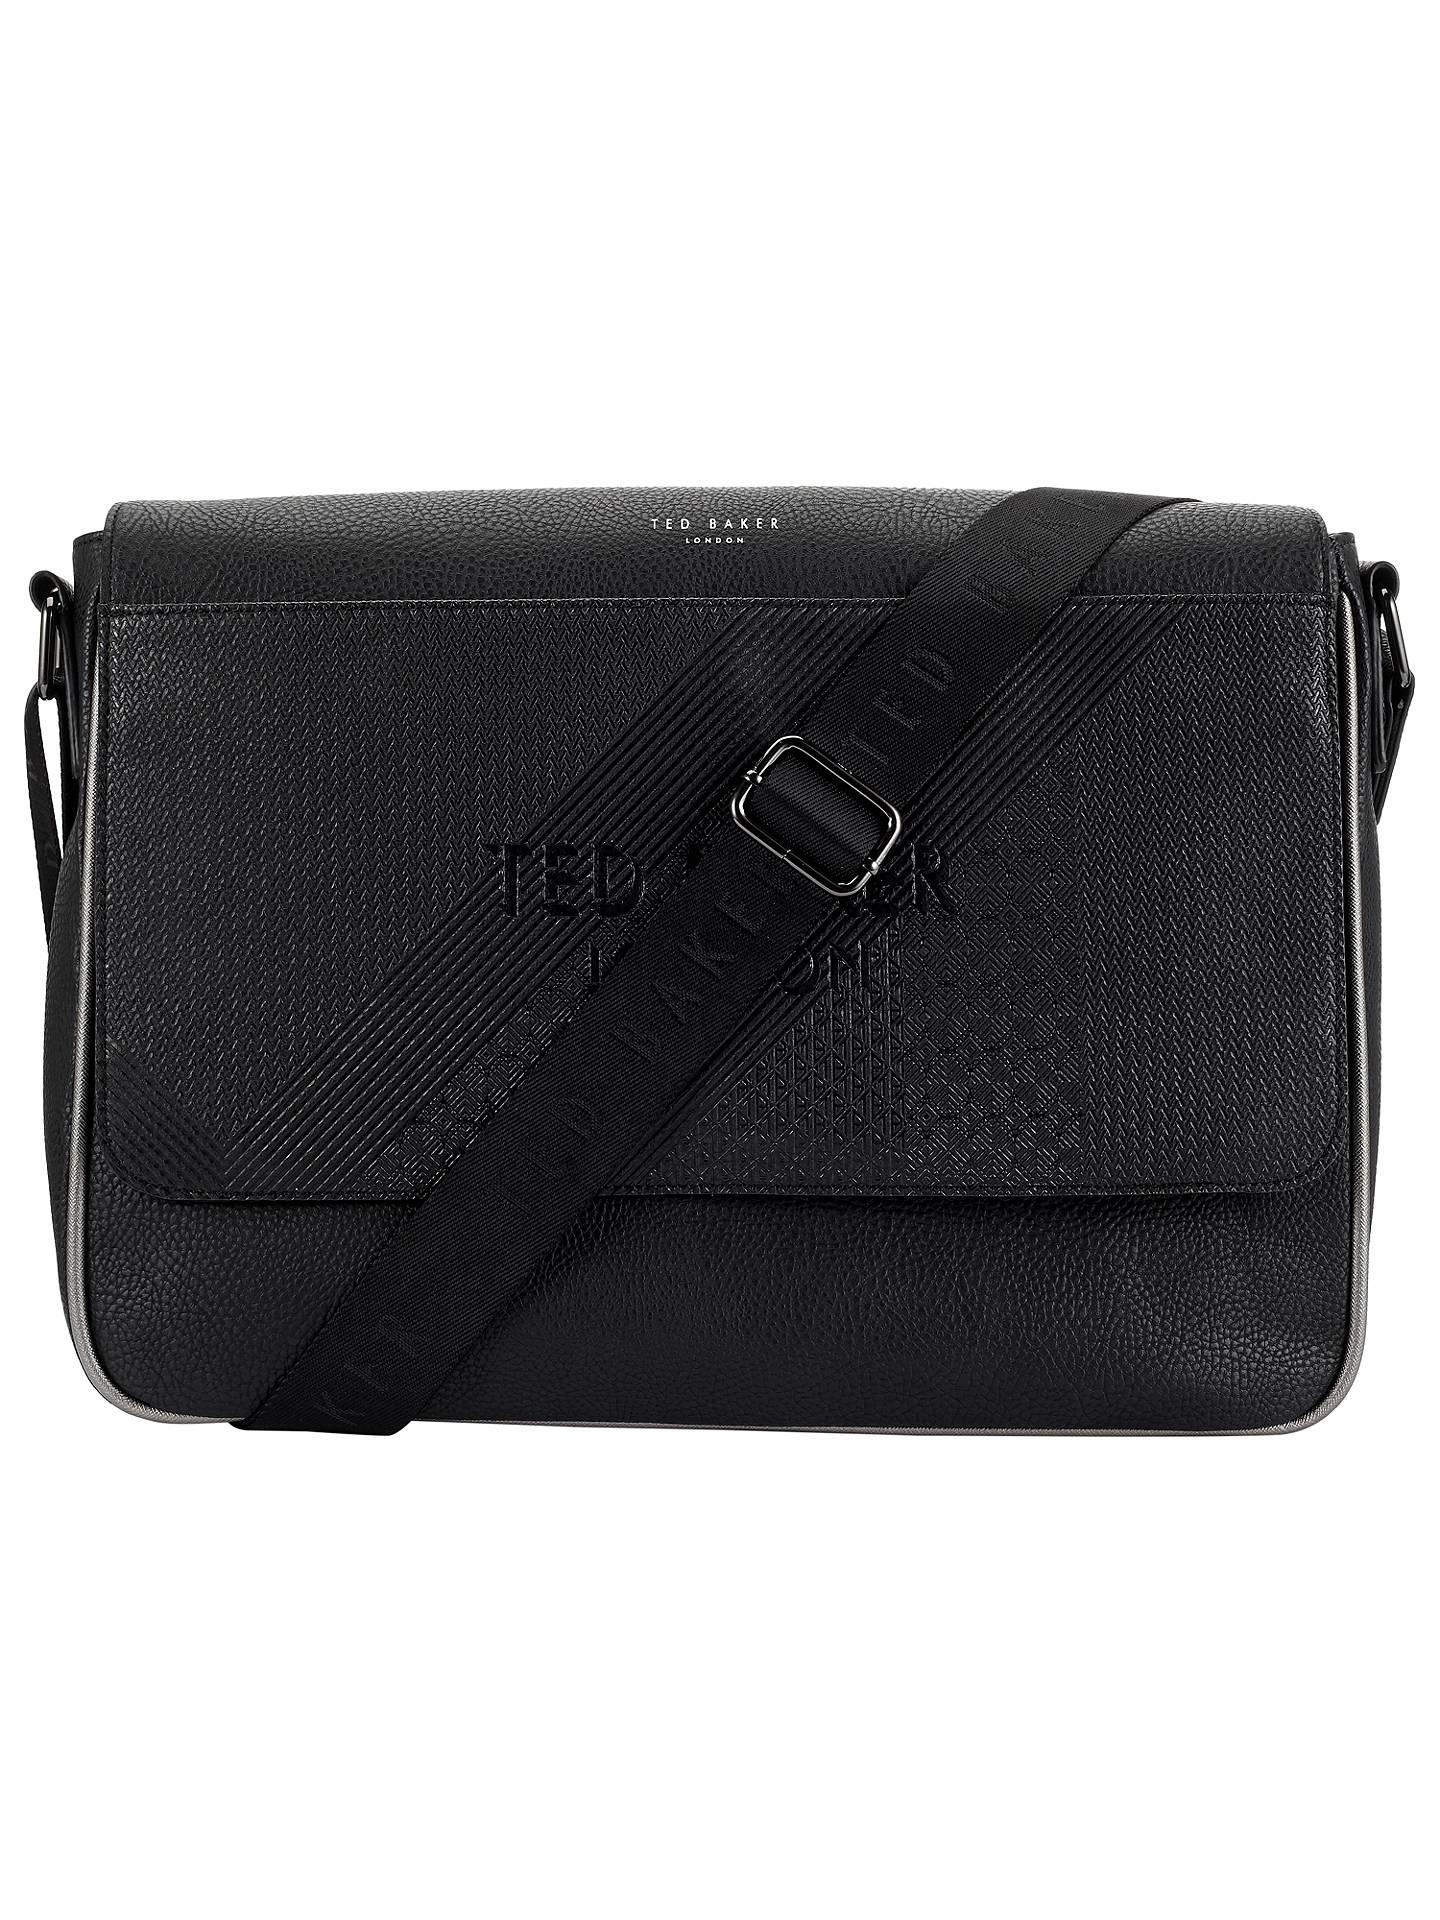 237b2908cfec Buy Ted Baker Airlift Emboss Messenger Bag